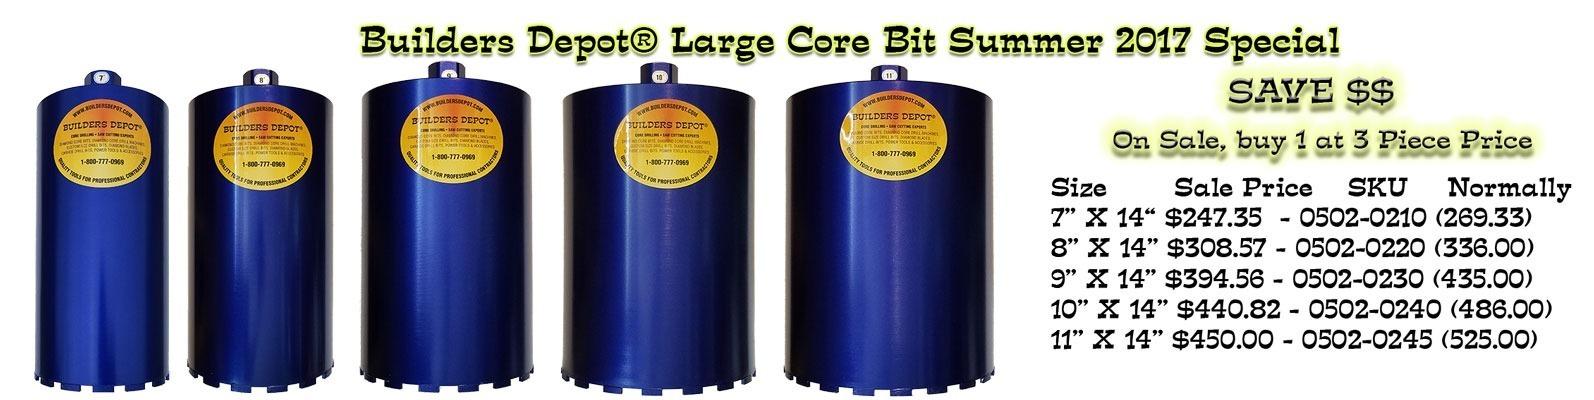 Large Core Bit Special